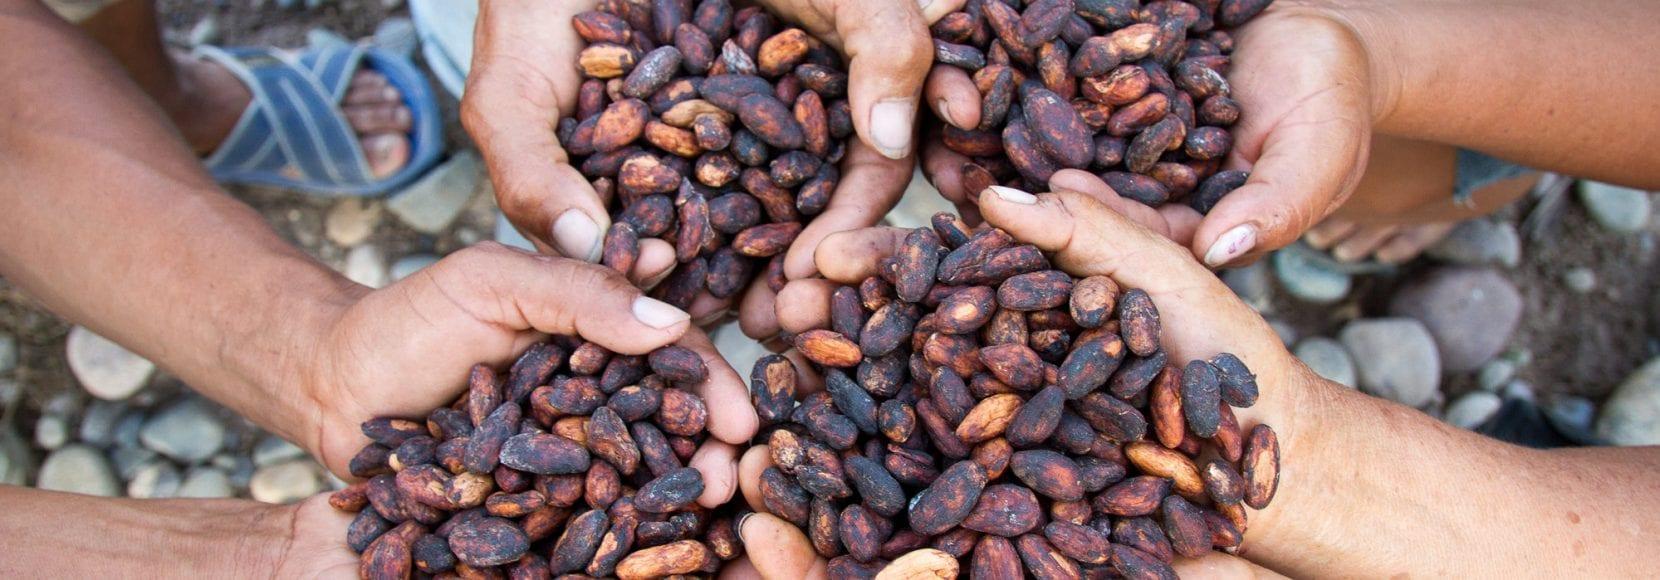 Association of Cacao Producers, Las Mercedes Community, Bellavista, San Martín, Perú.